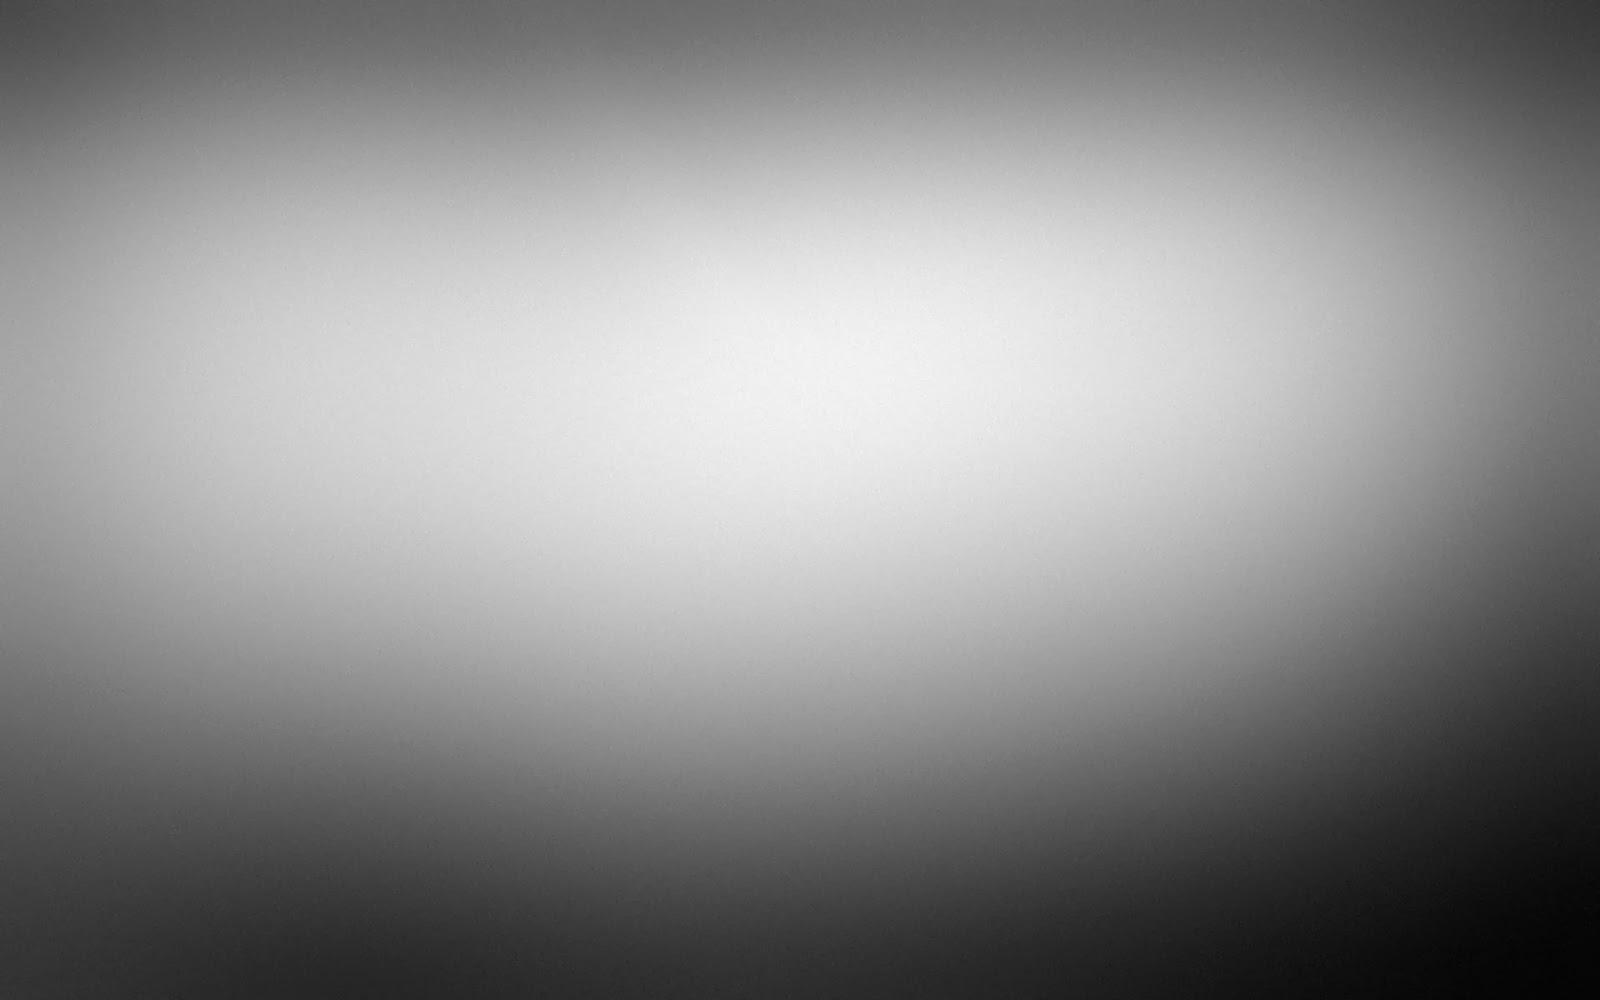 Fondo De Pantalla Abstracto Color Blanco Y Gris Imagenes